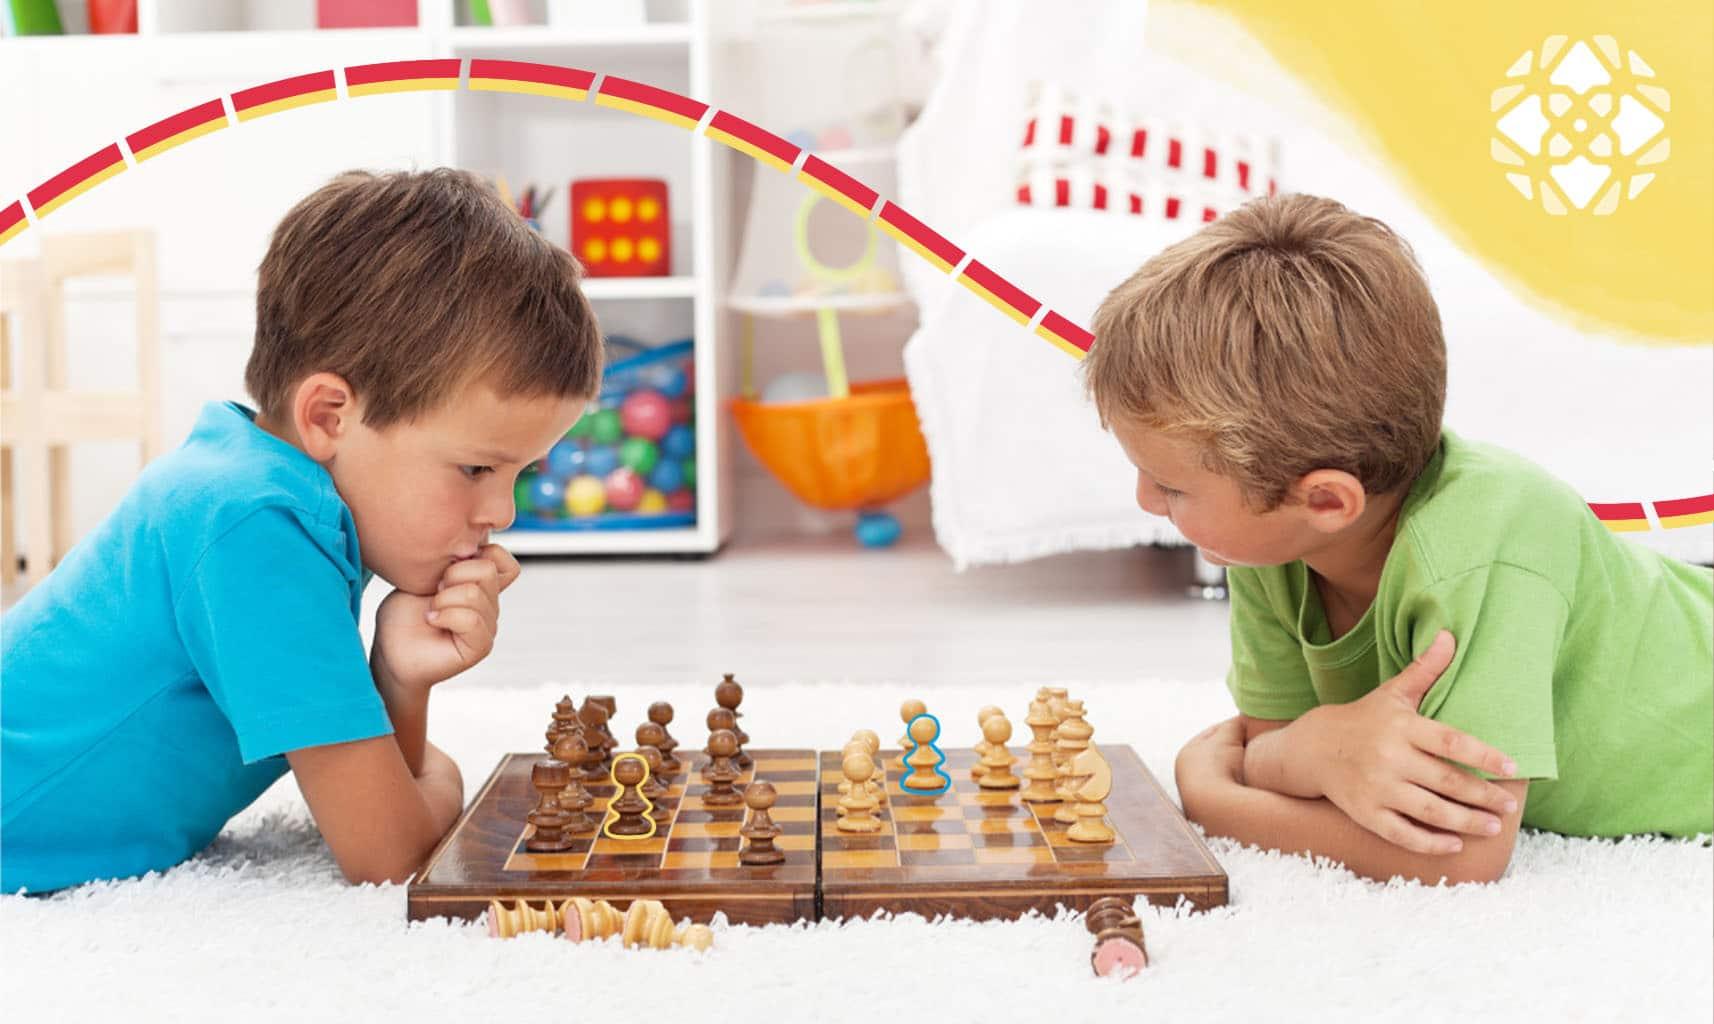 jogar jogos e brincar brincadeira na infância crianças